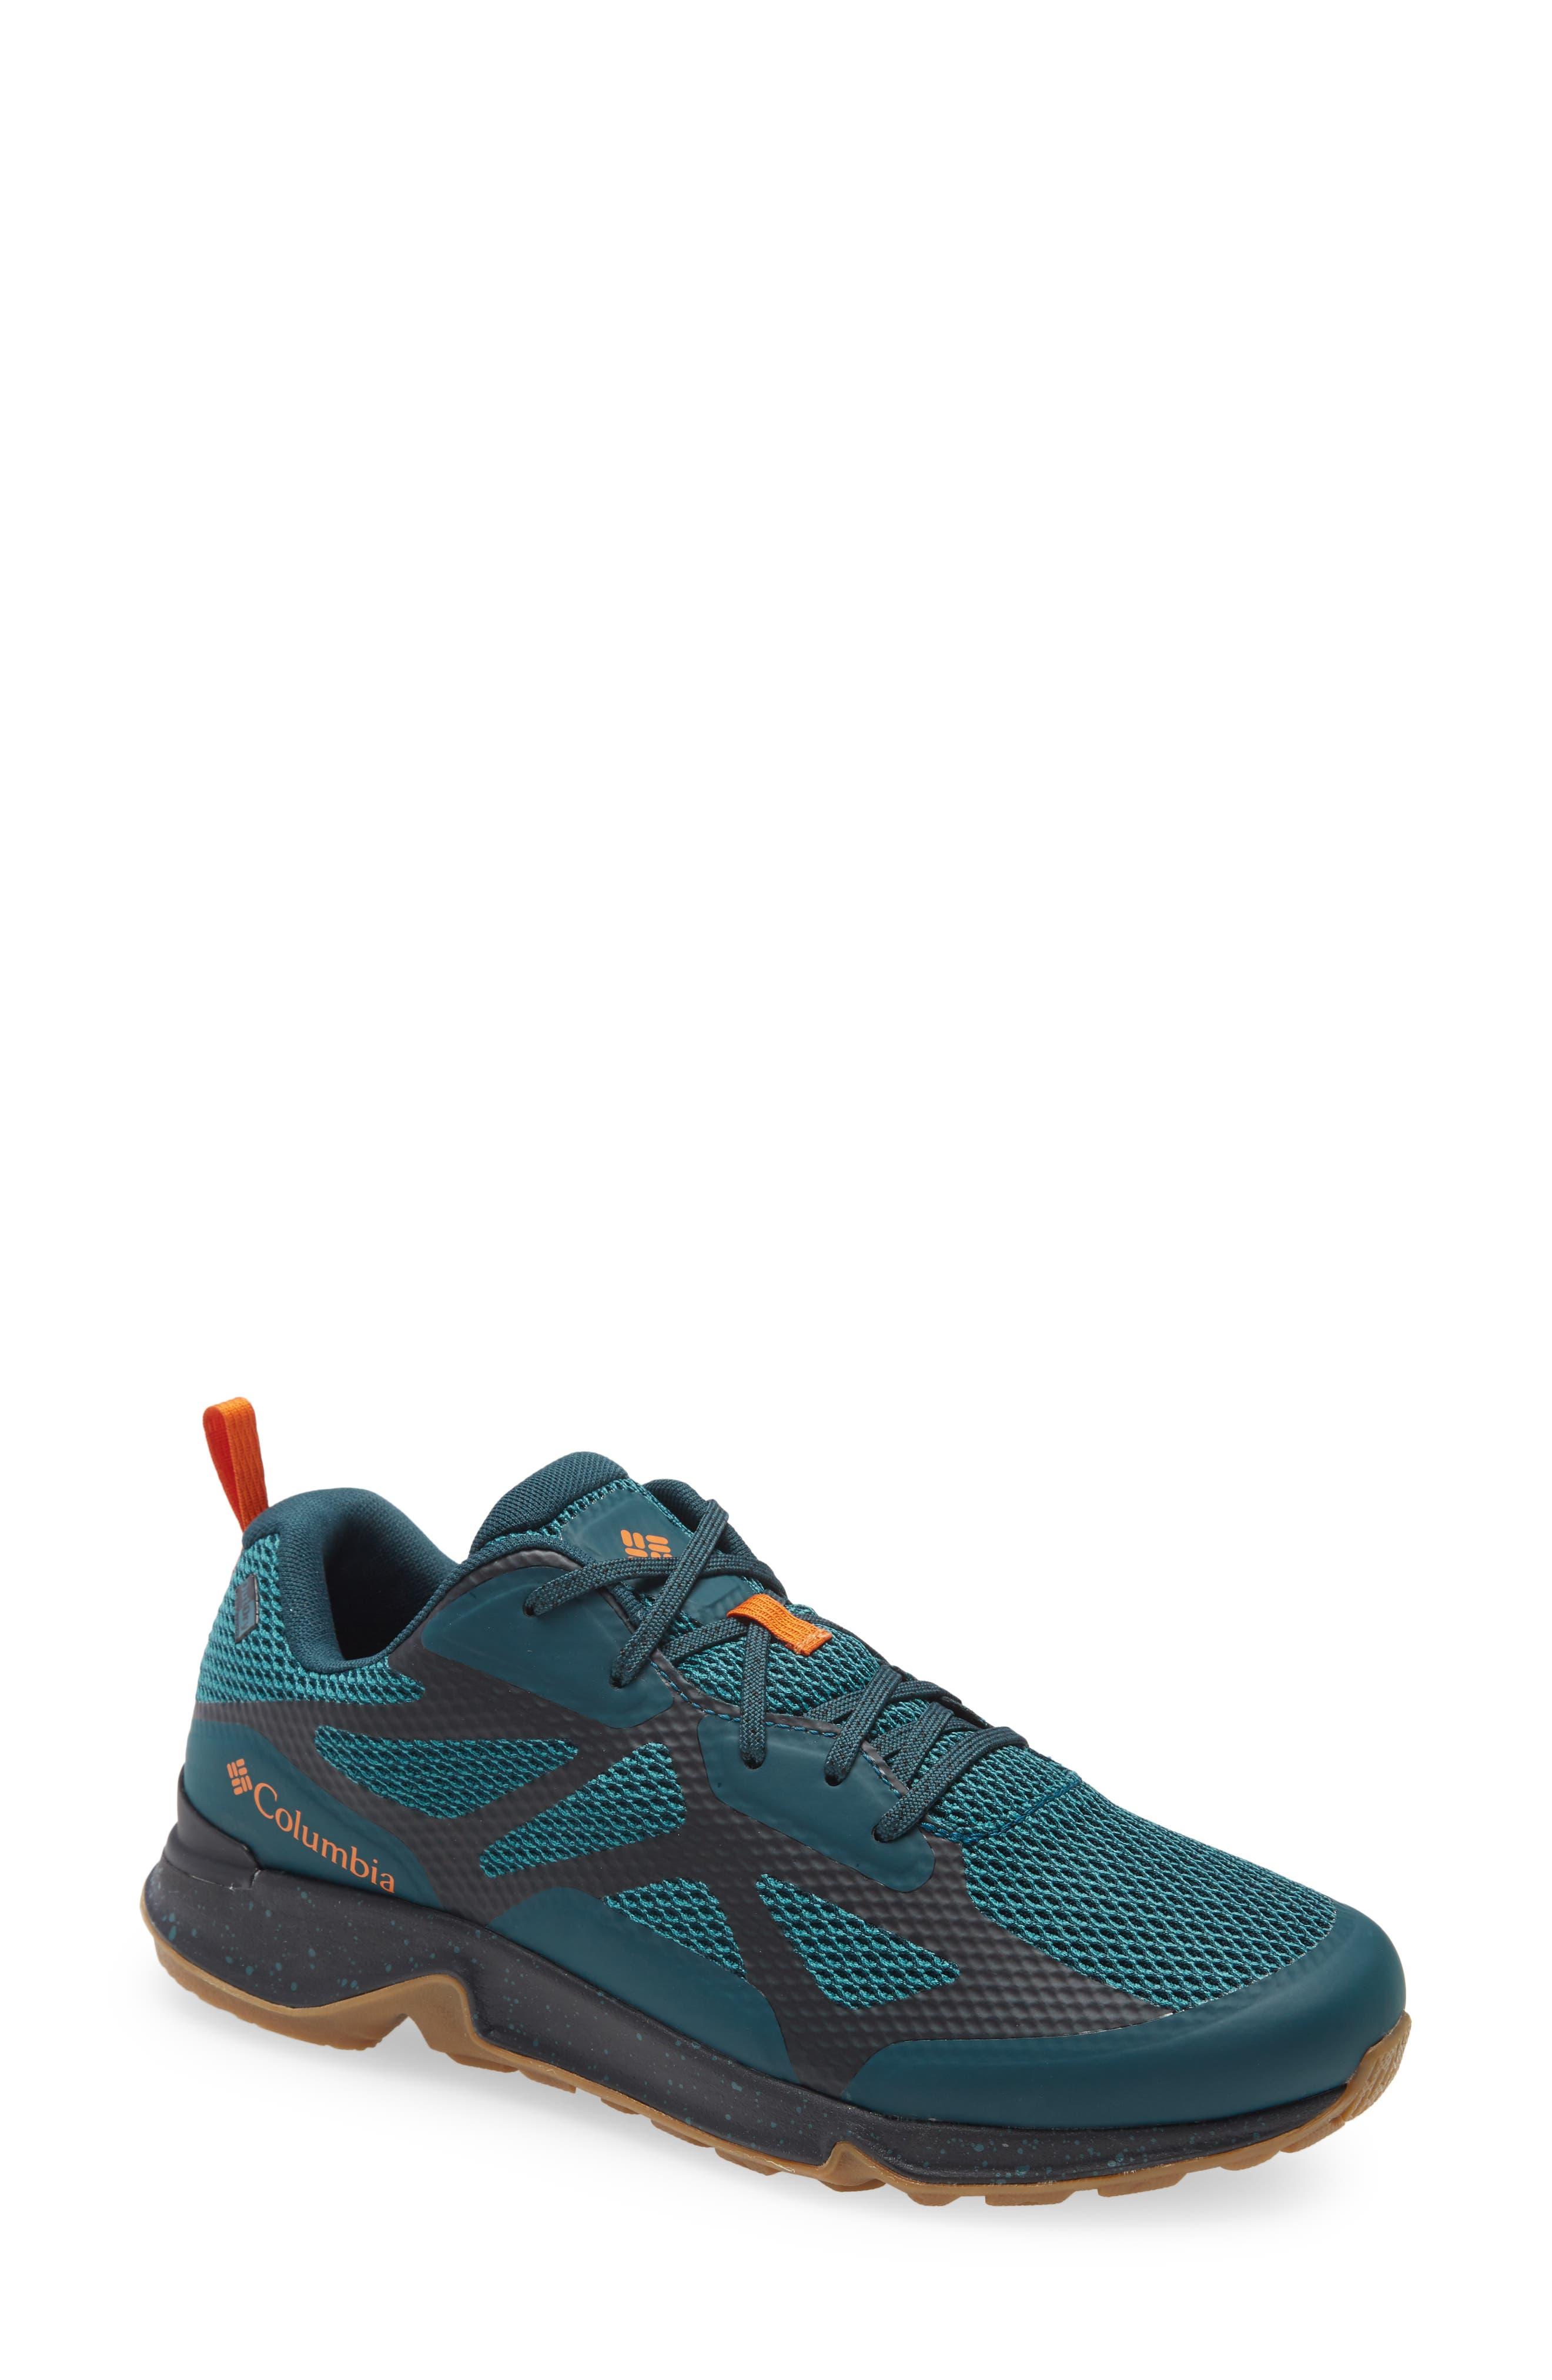 Vitesse(TM) Outdry(TM) Hiking Shoe